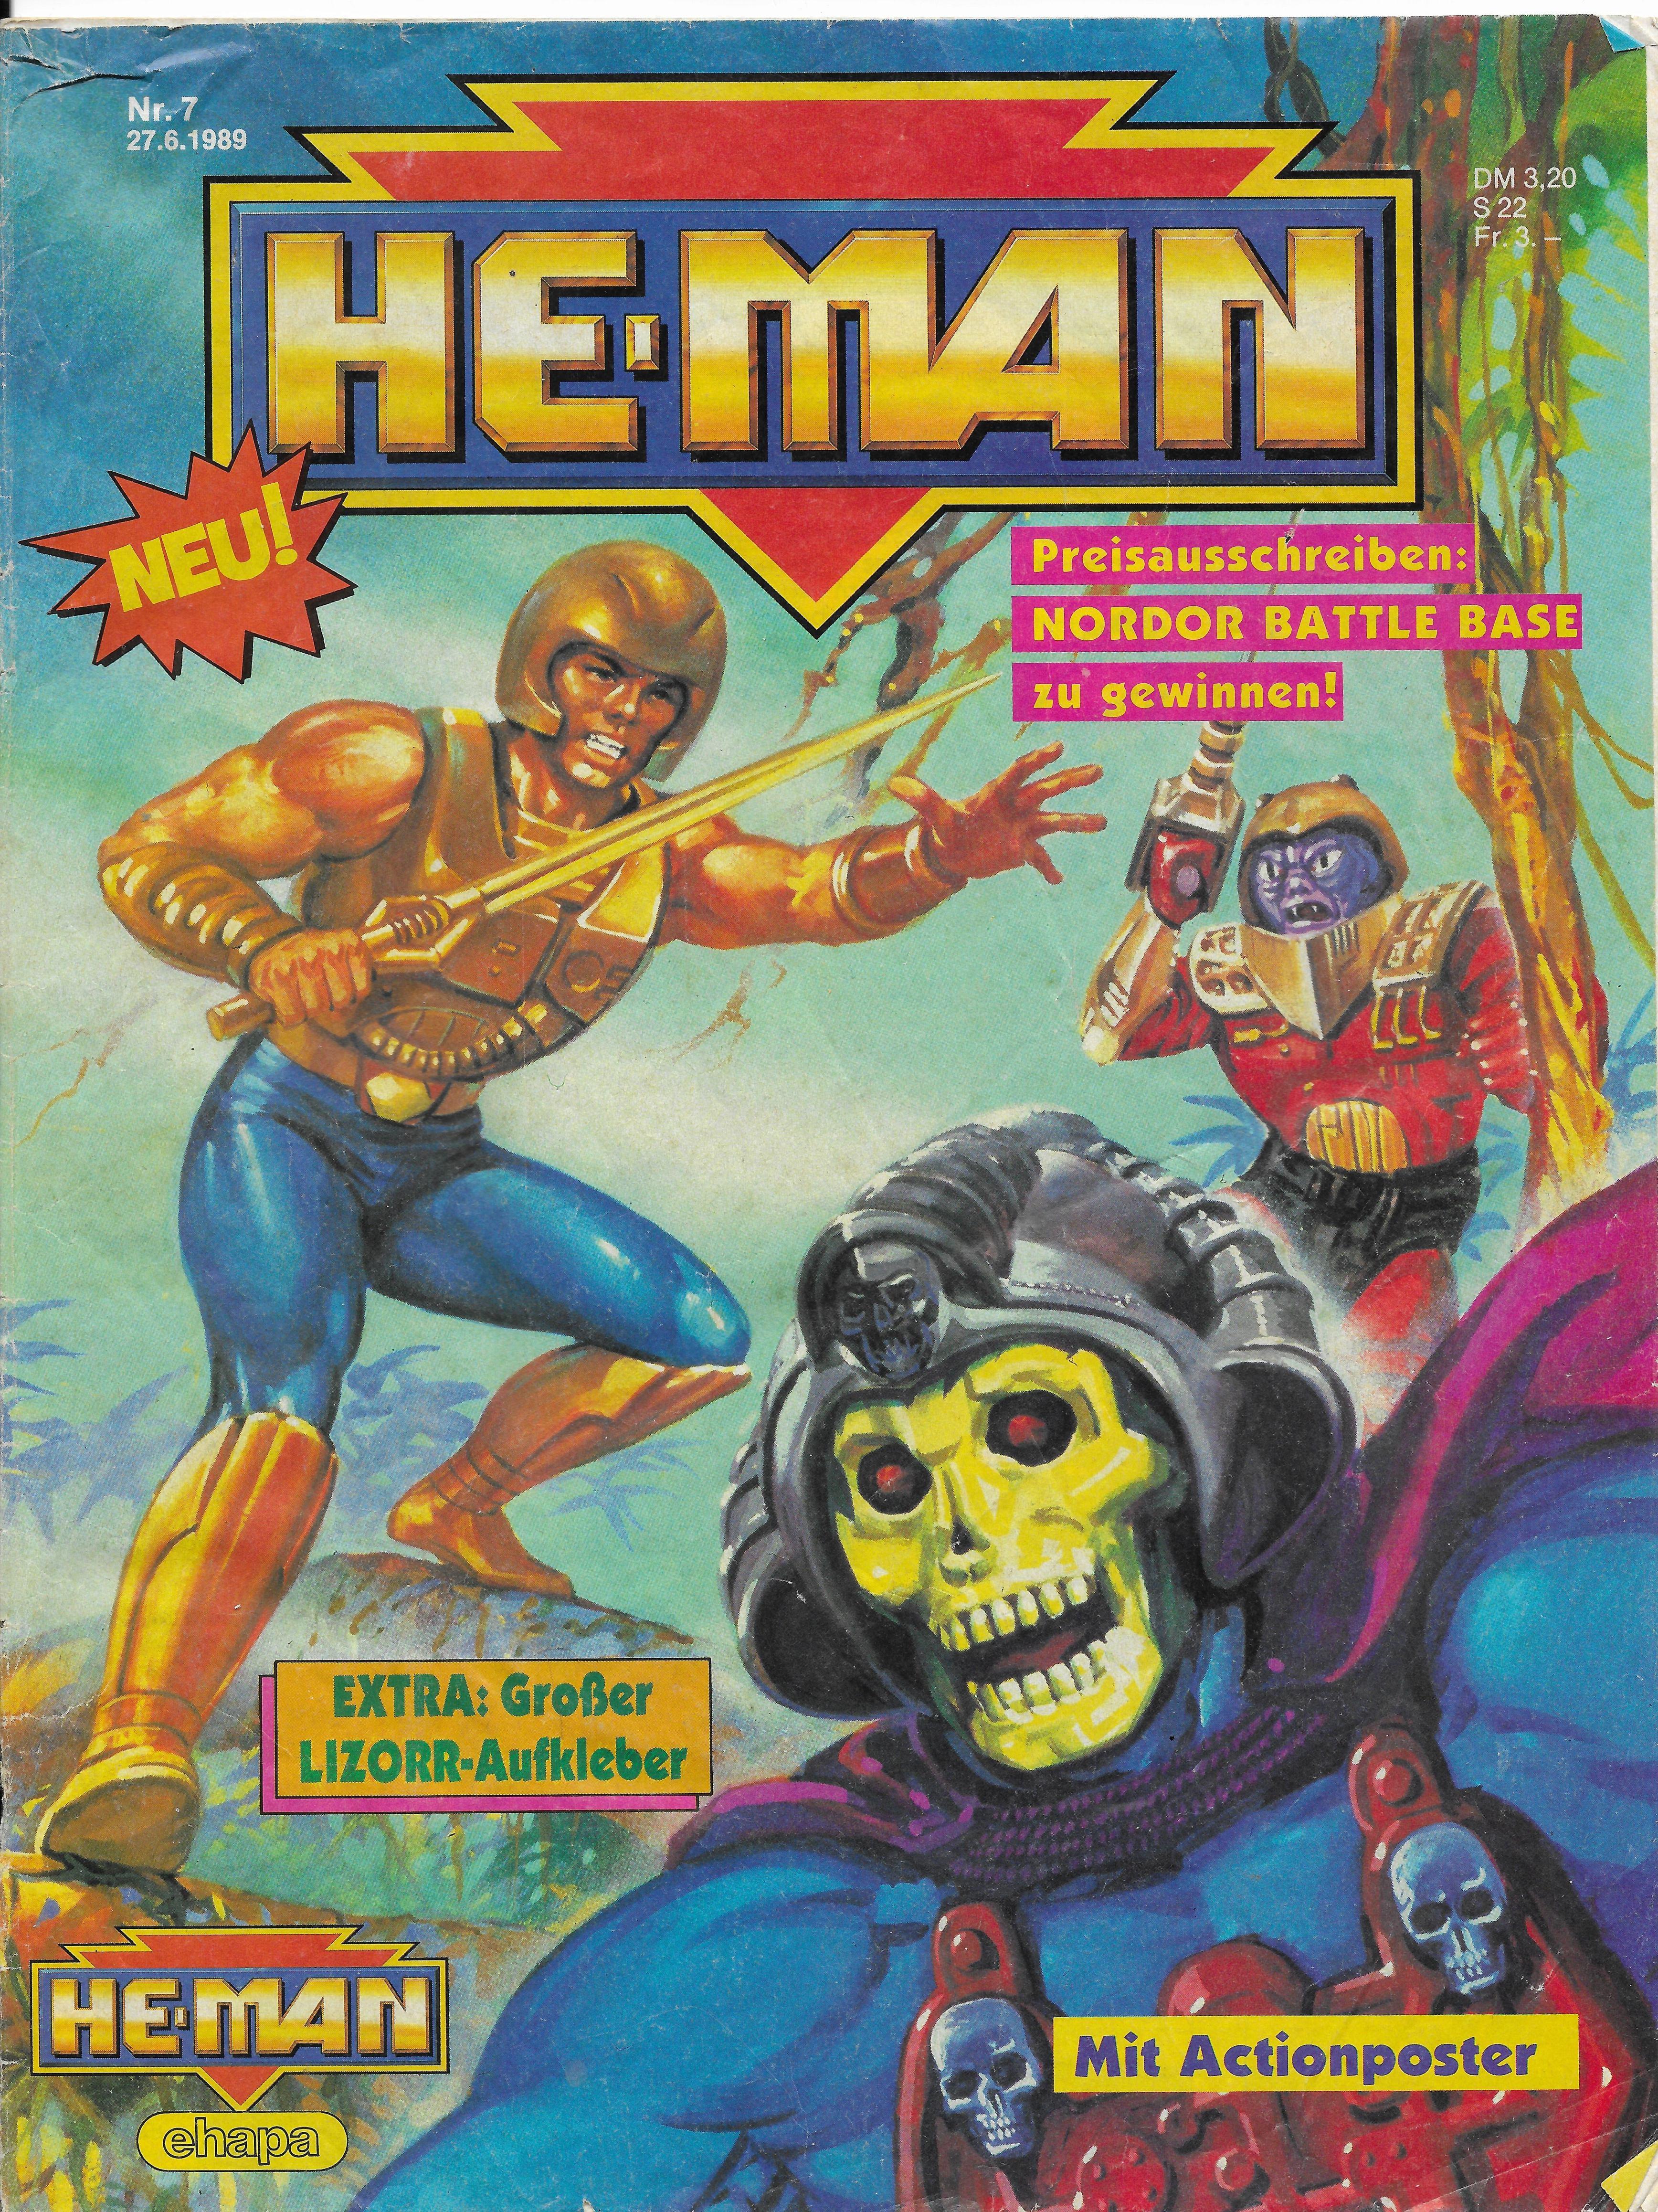 Egy német He Man képregény 1989-ből